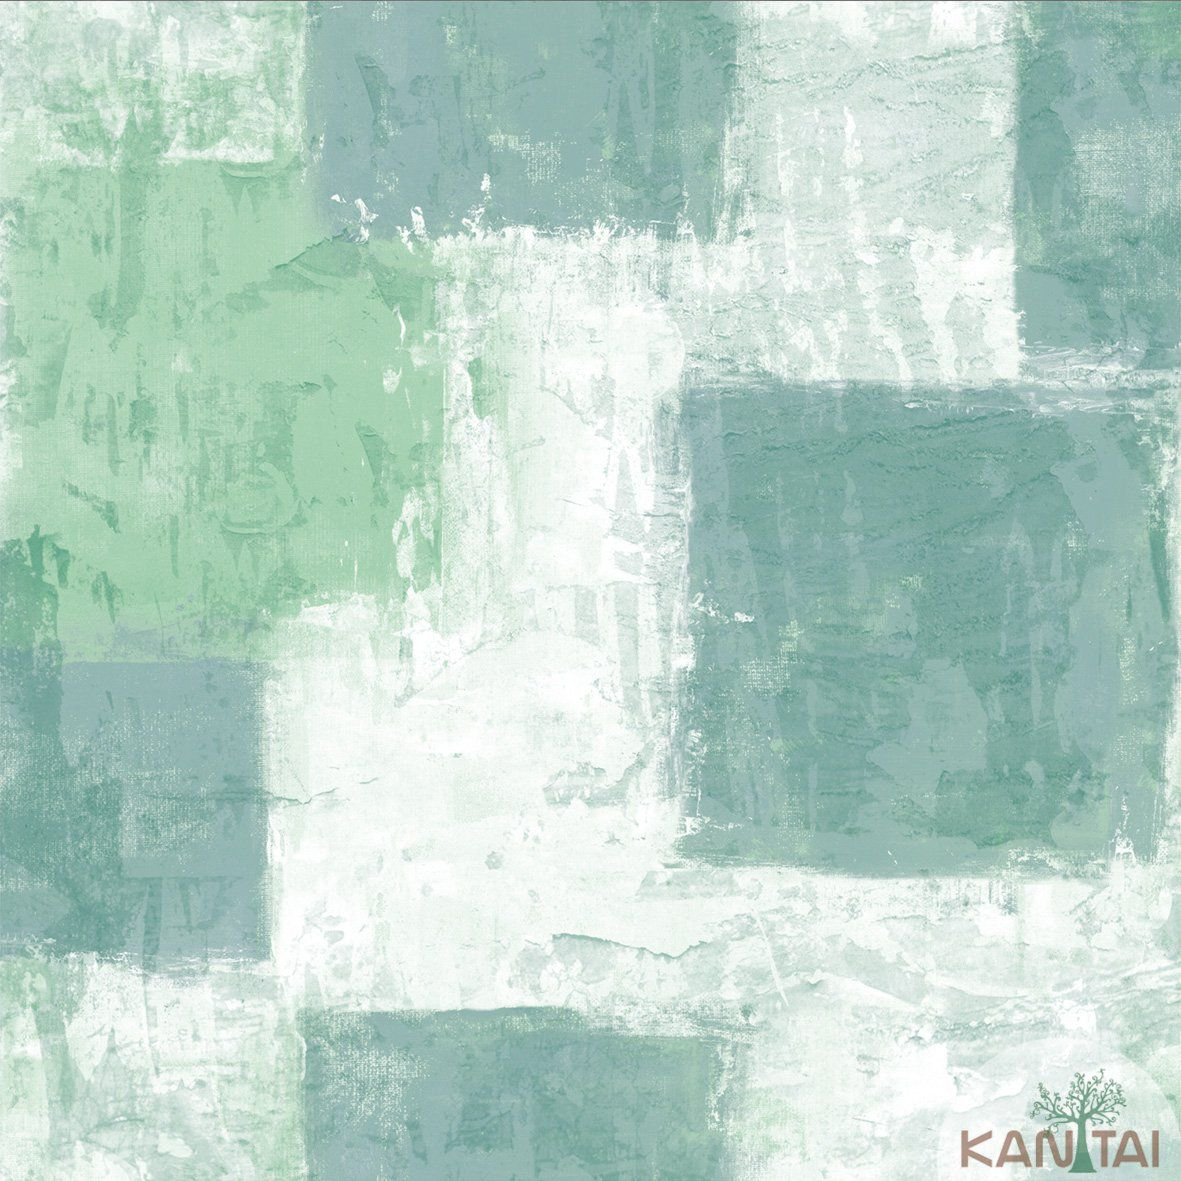 Papel de Parede  Kan Tai Vinilico Coleção Style Aquarela Tons de Bege, Verde